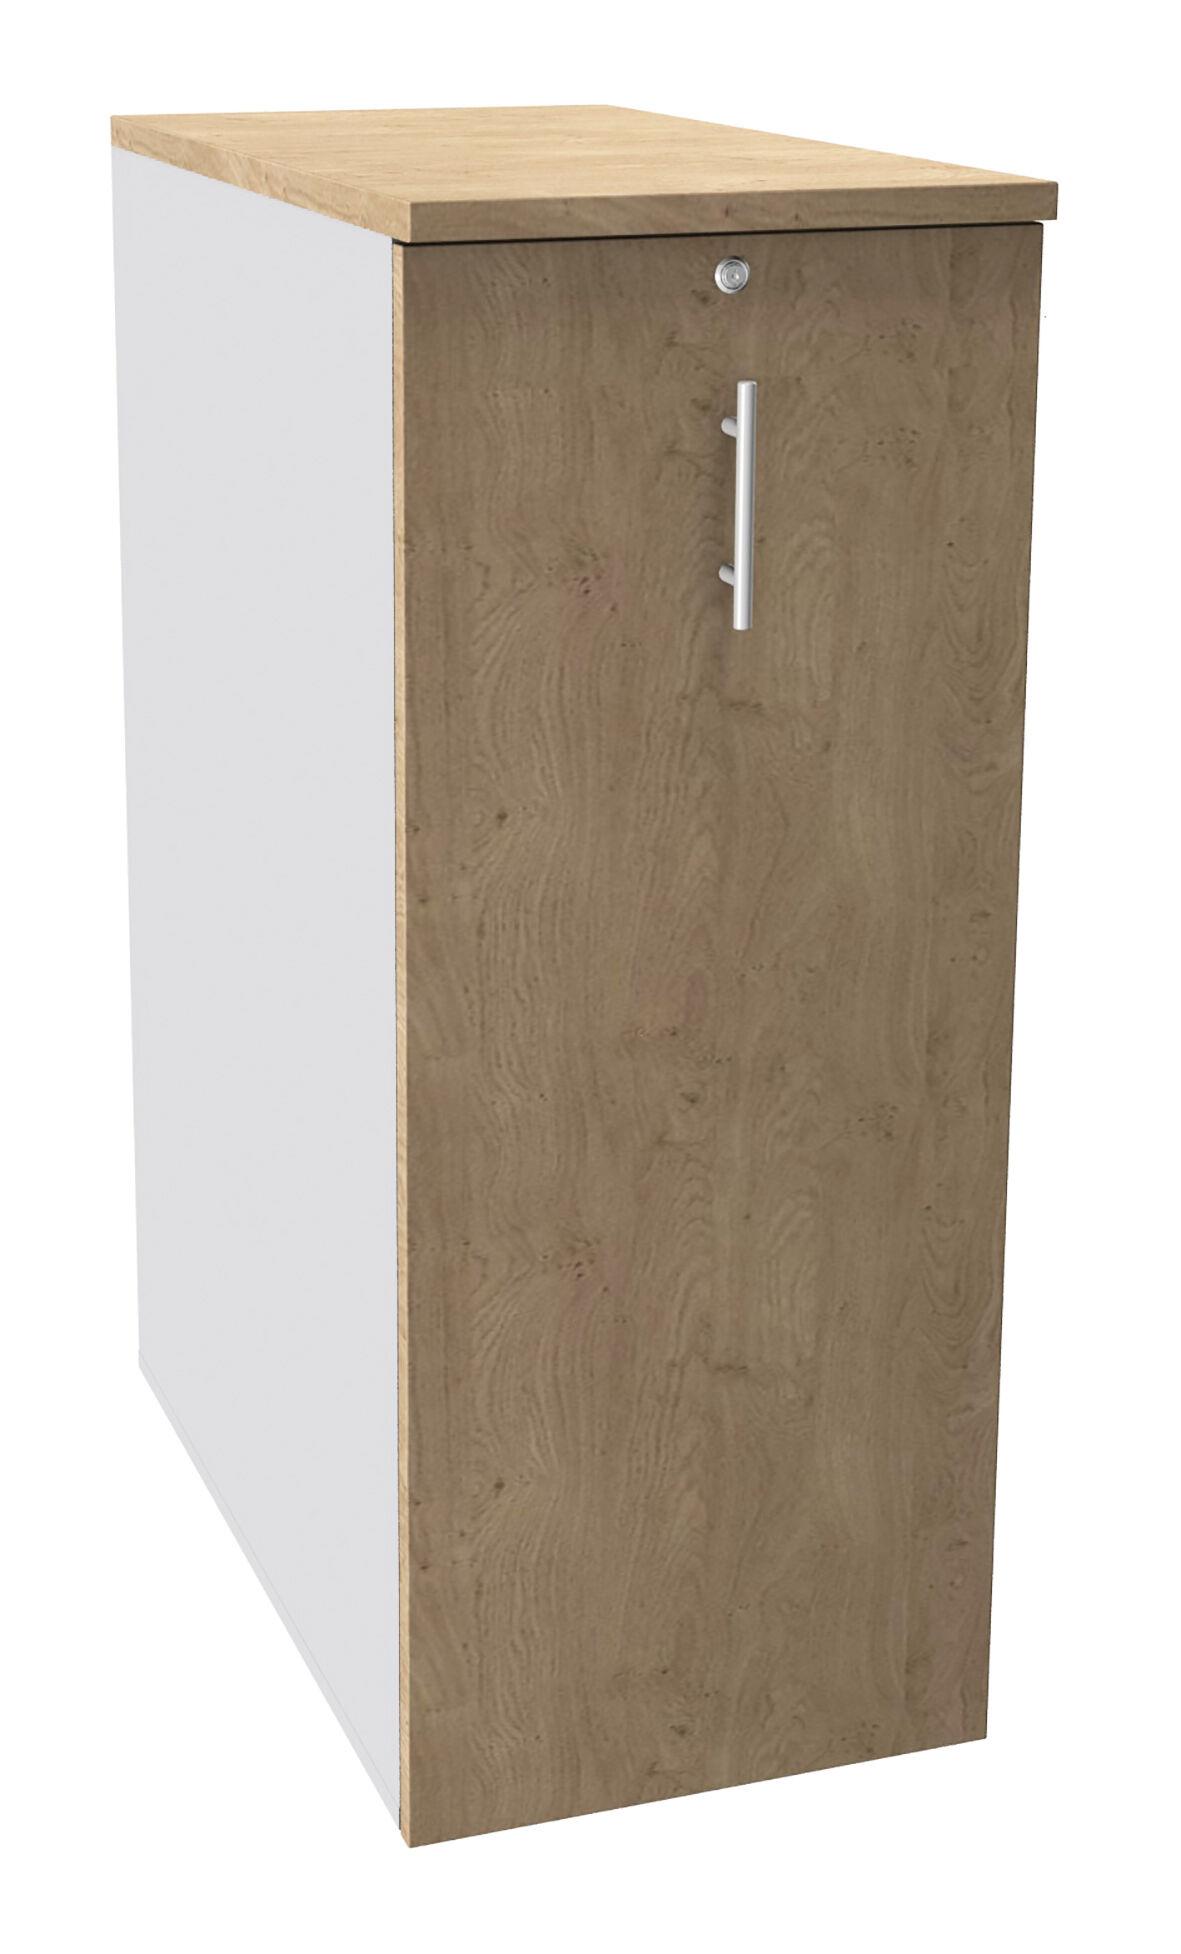 Caisson TOWER - L44 x H114 x P80 cm - 3 tablettes + 1 support DS réglable - structure blanc perle - dessus et façade imitation chêne clair